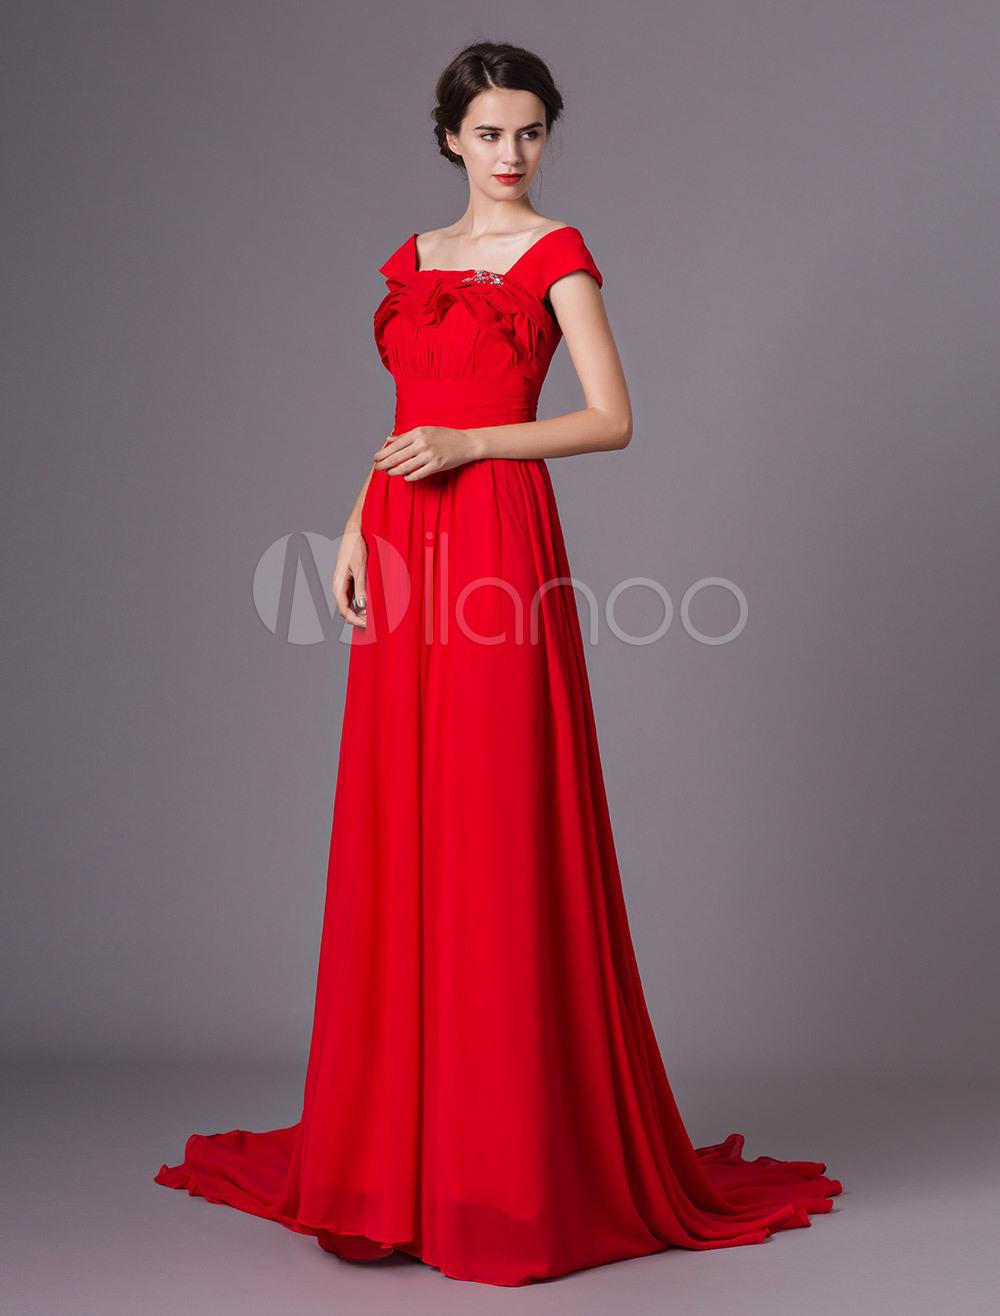 13 Wunderbar Rote Kleider Ärmel13 Großartig Rote Kleider Boutique